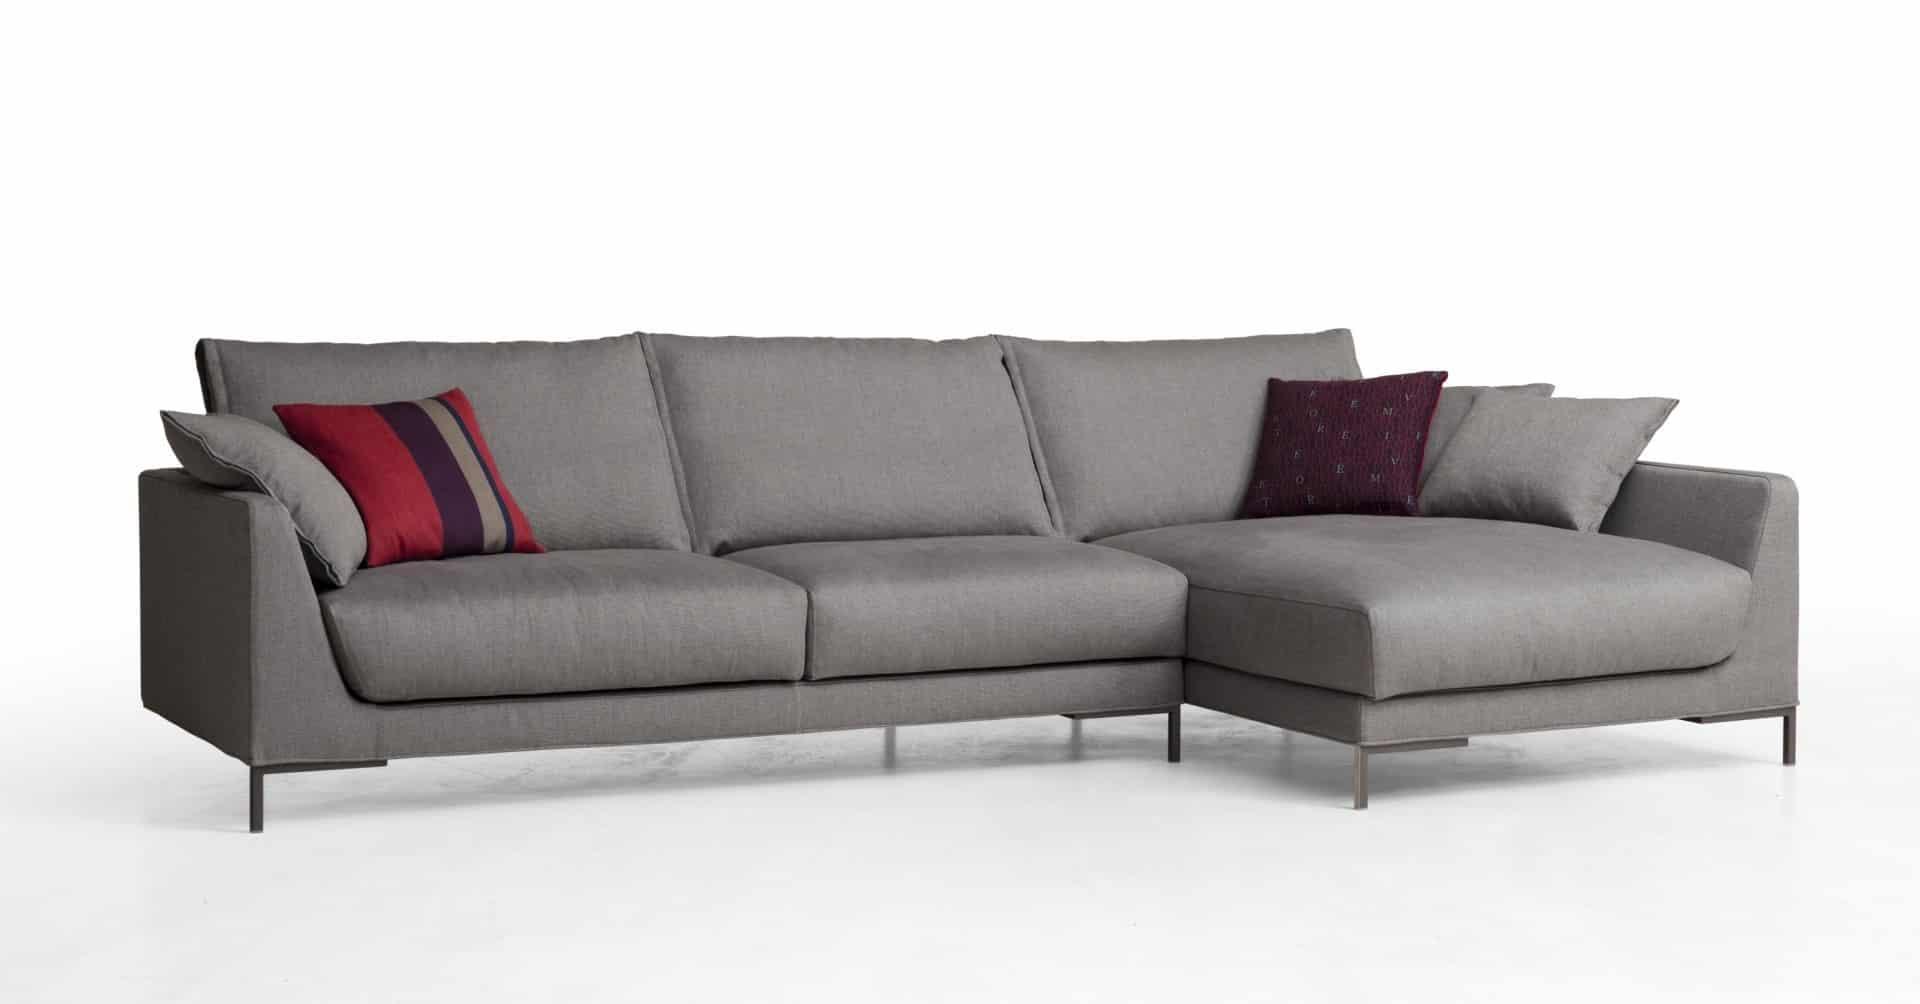 Tienda de sofas en valencia sofas outlet sofas cama for Sofas outlet valencia